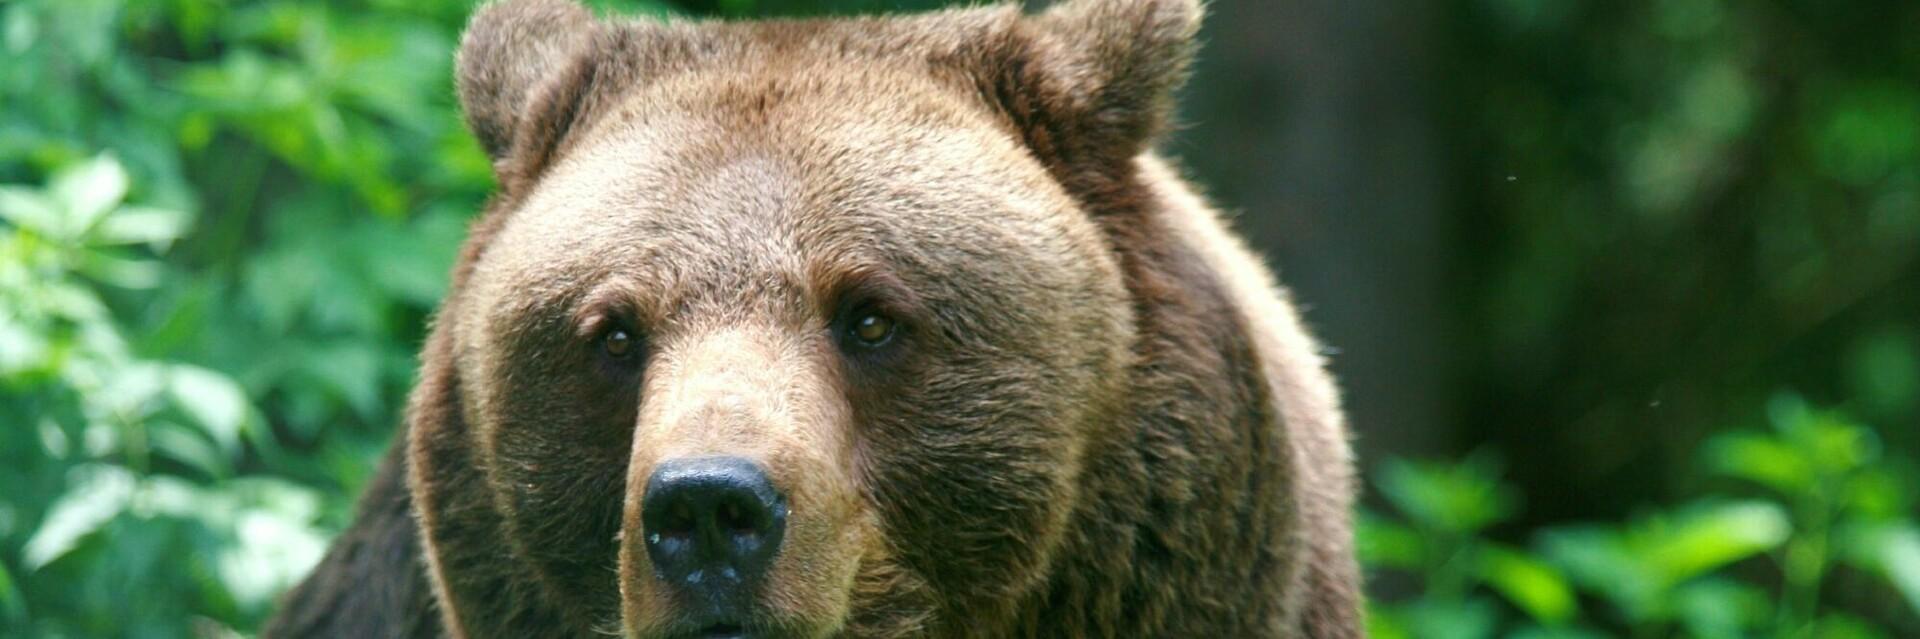 Кафява мечка в гората